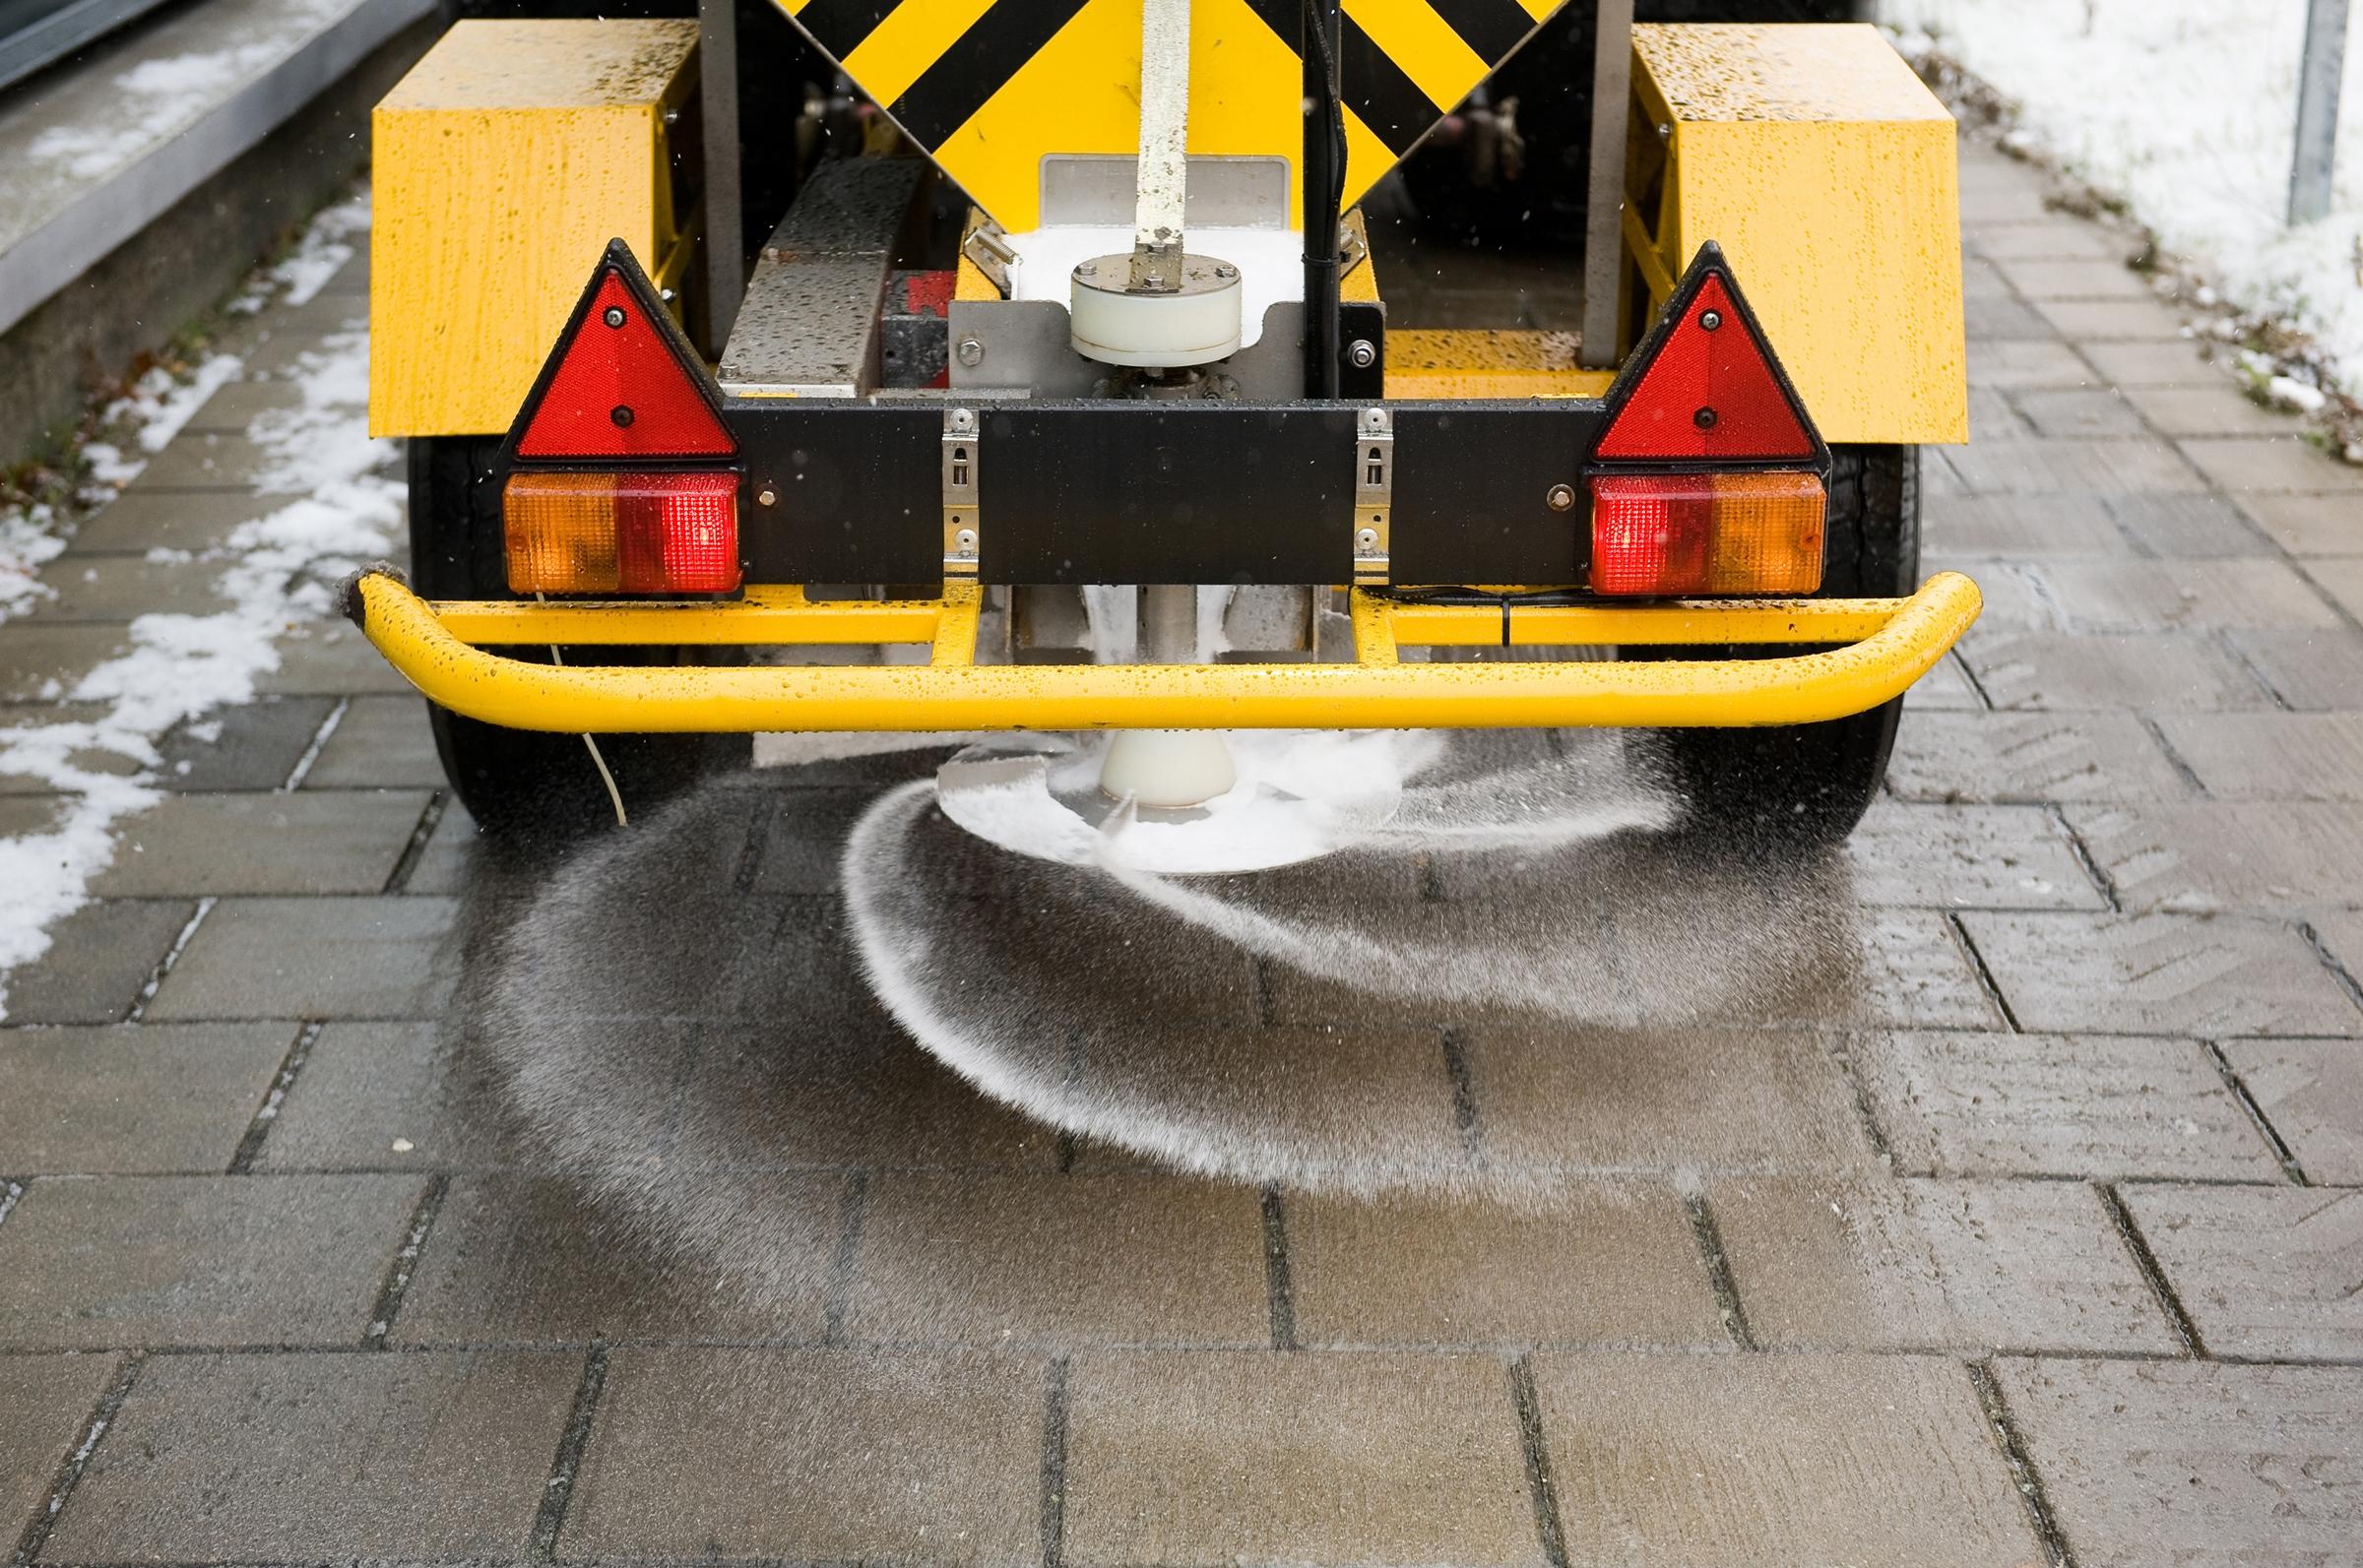 gritting-ice-snow-clearance-road-salt.jpg